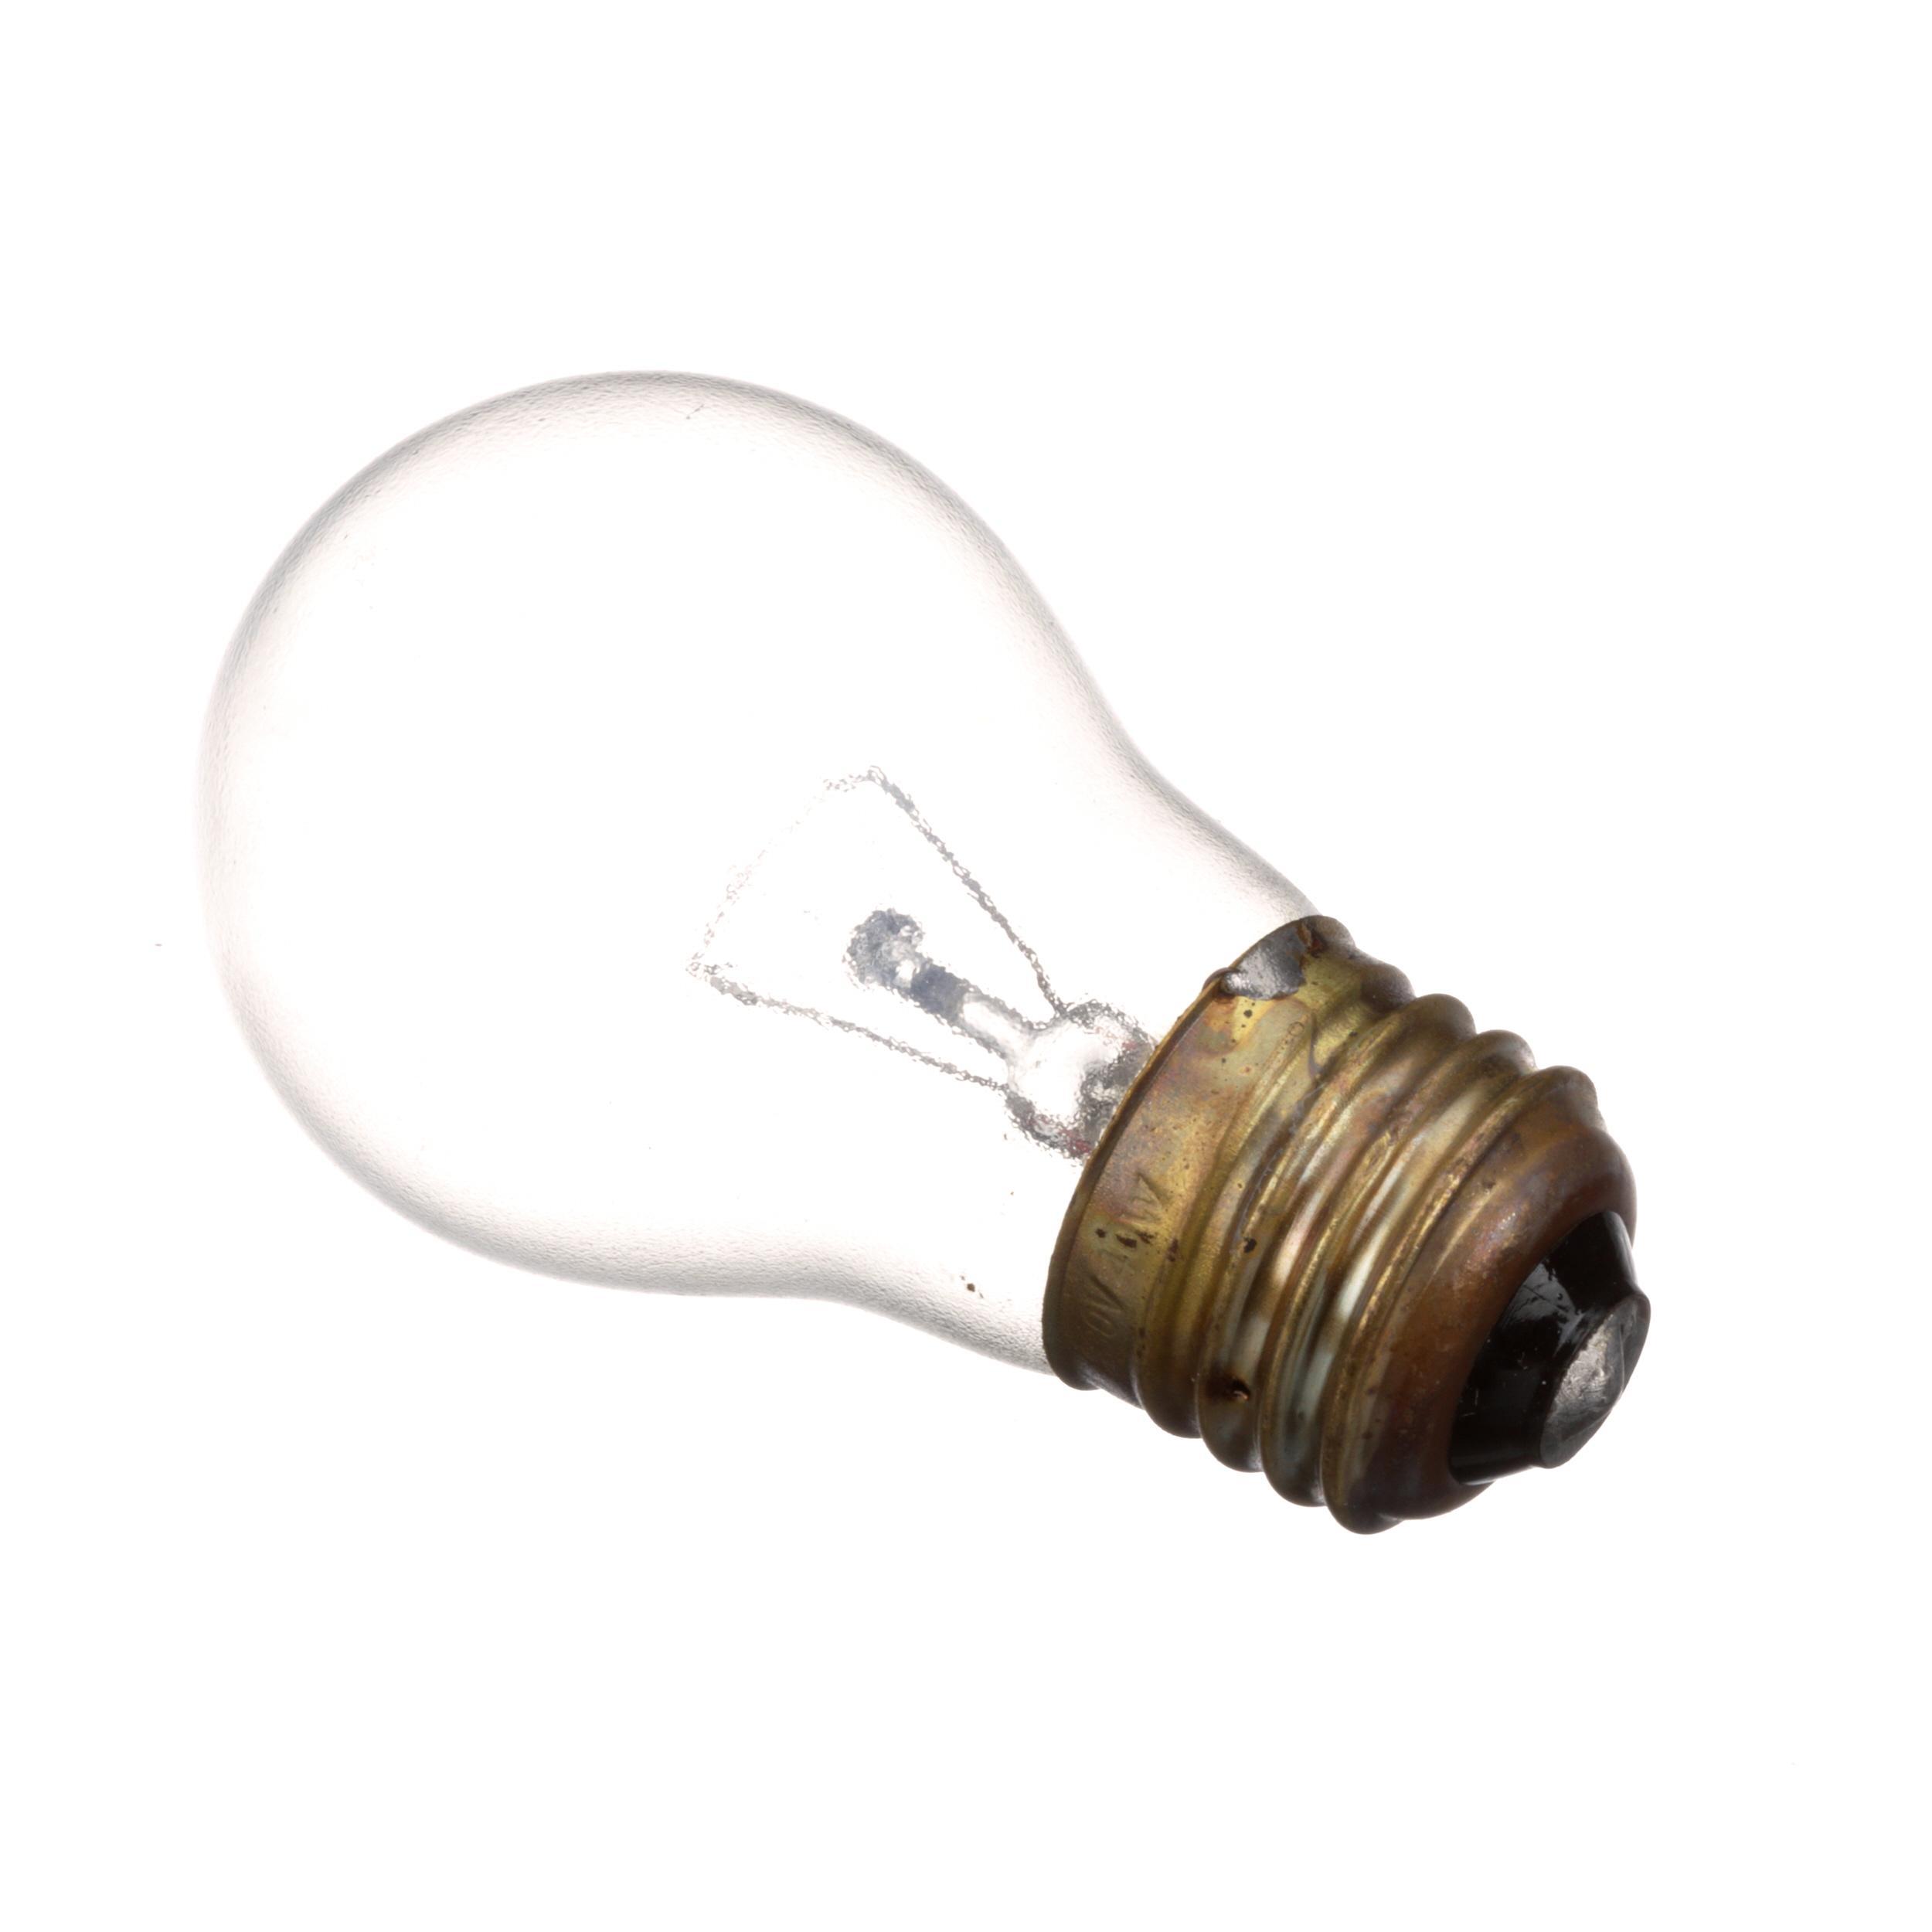 BLODGETT LAMP, 40 WATT, 230-250V